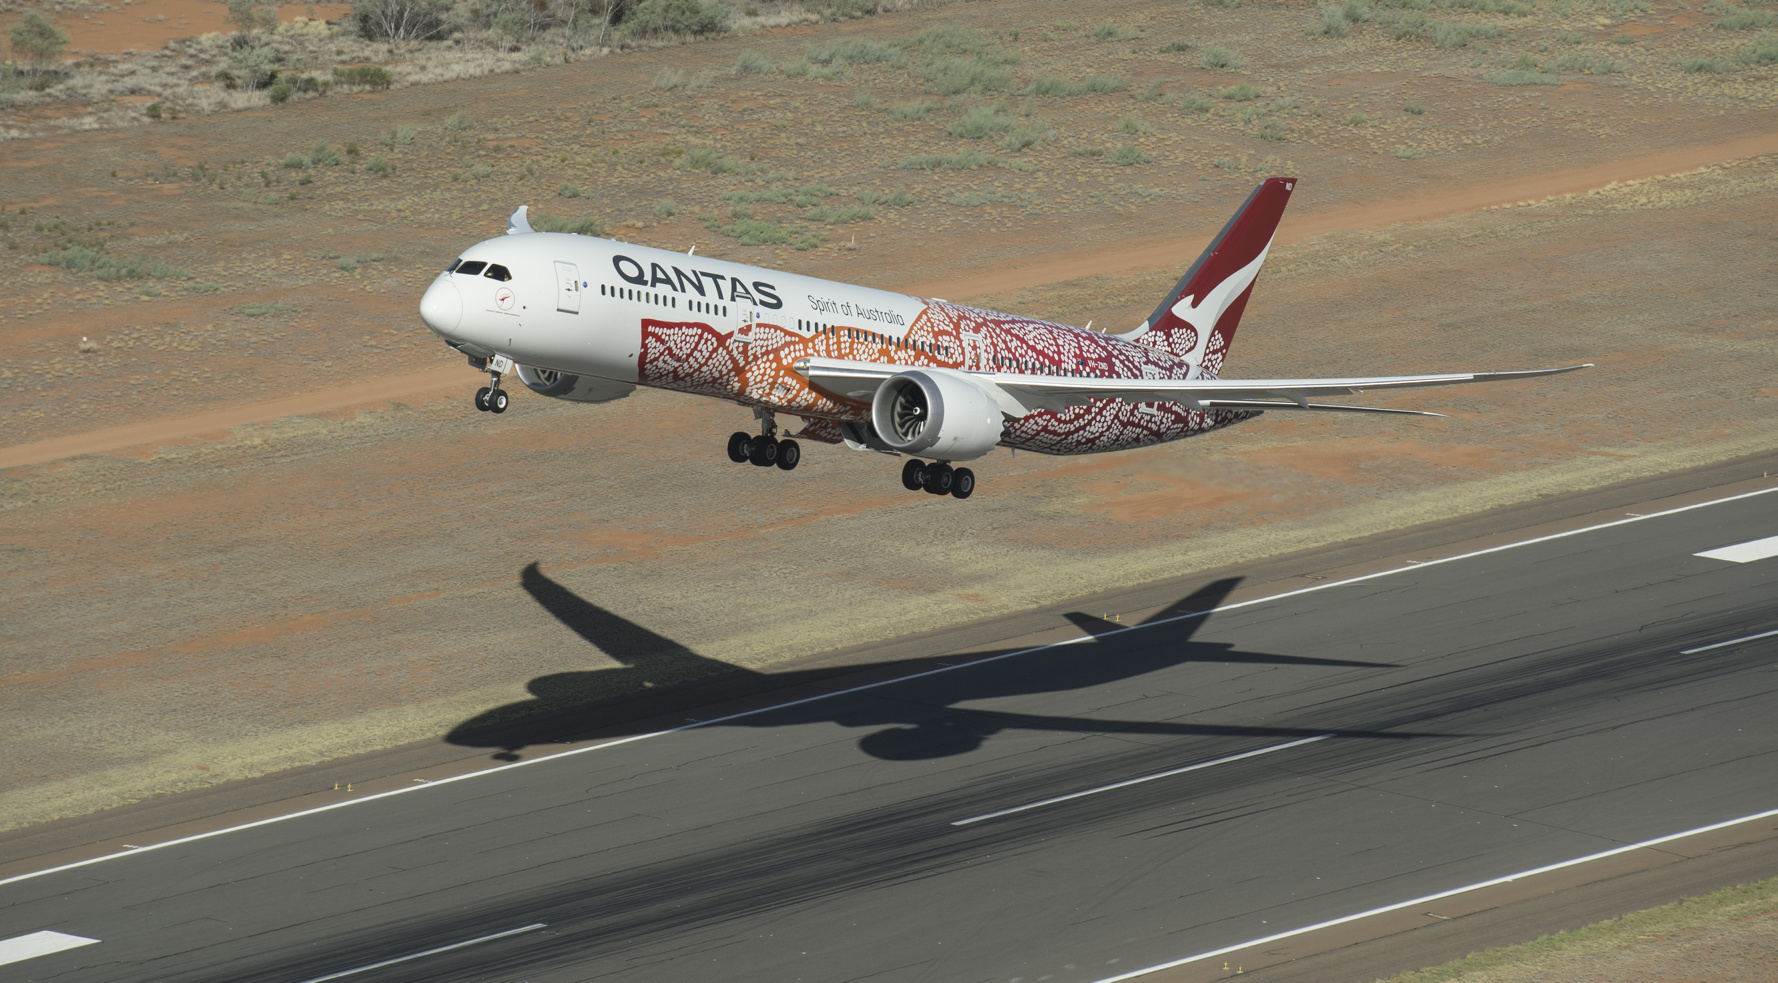 I dag kan australske Qantas kun flyve udenrigs til New Zealand, flyselskabet vil gerne genåbne flere udenrigsruter, men det siger den australske regering indtil videre nej til. Pressefoto: Qantas.